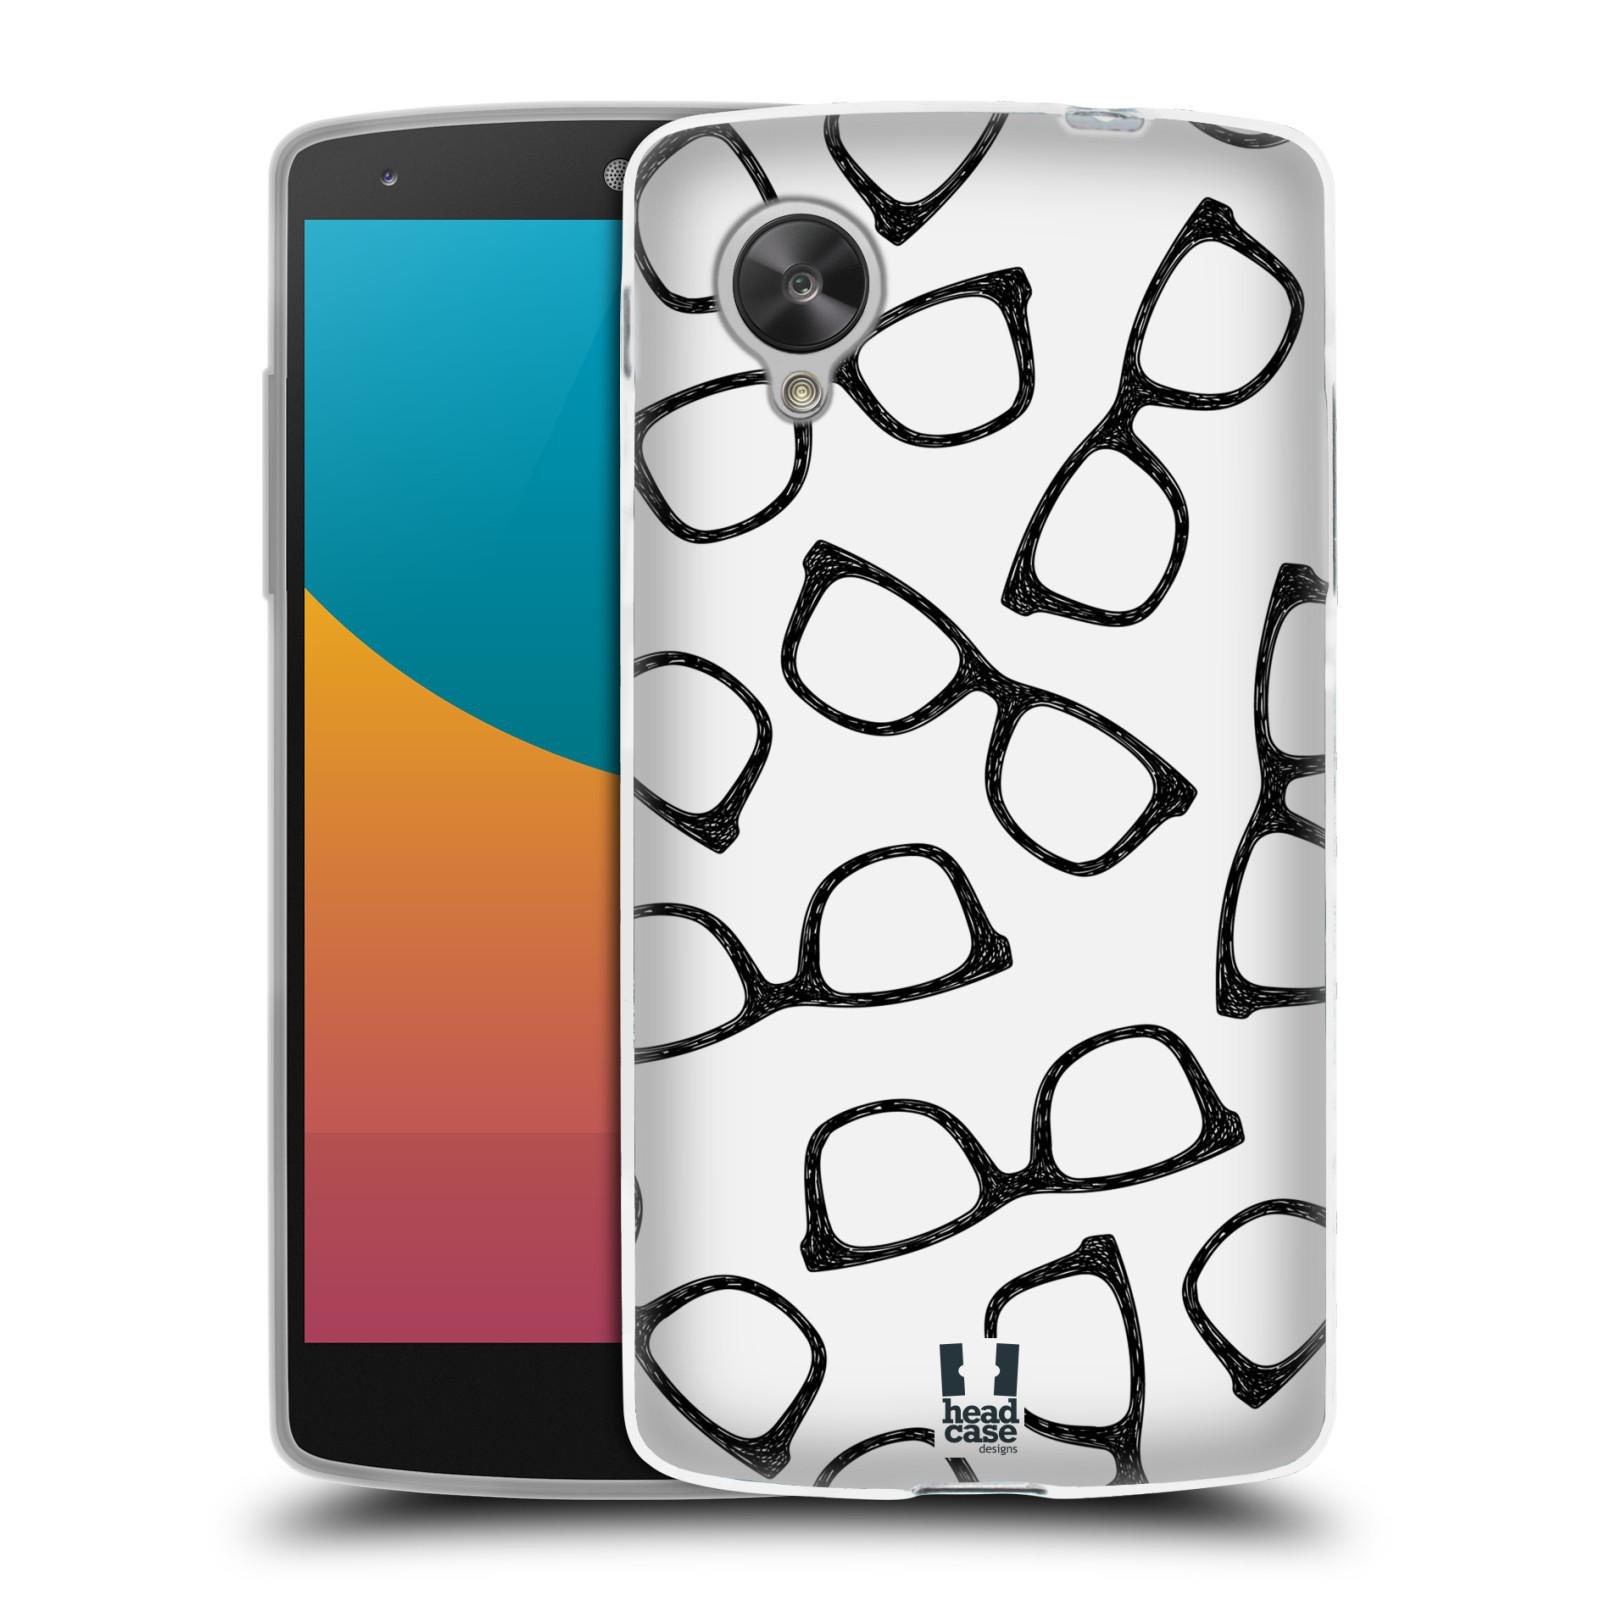 Silikonové pouzdro na mobil LG Nexus 5 HEAD CASE HIPSTER BRÝLE (Silikonový kryt či obal na mobilní telefon LG Google Nexus 5 D821)